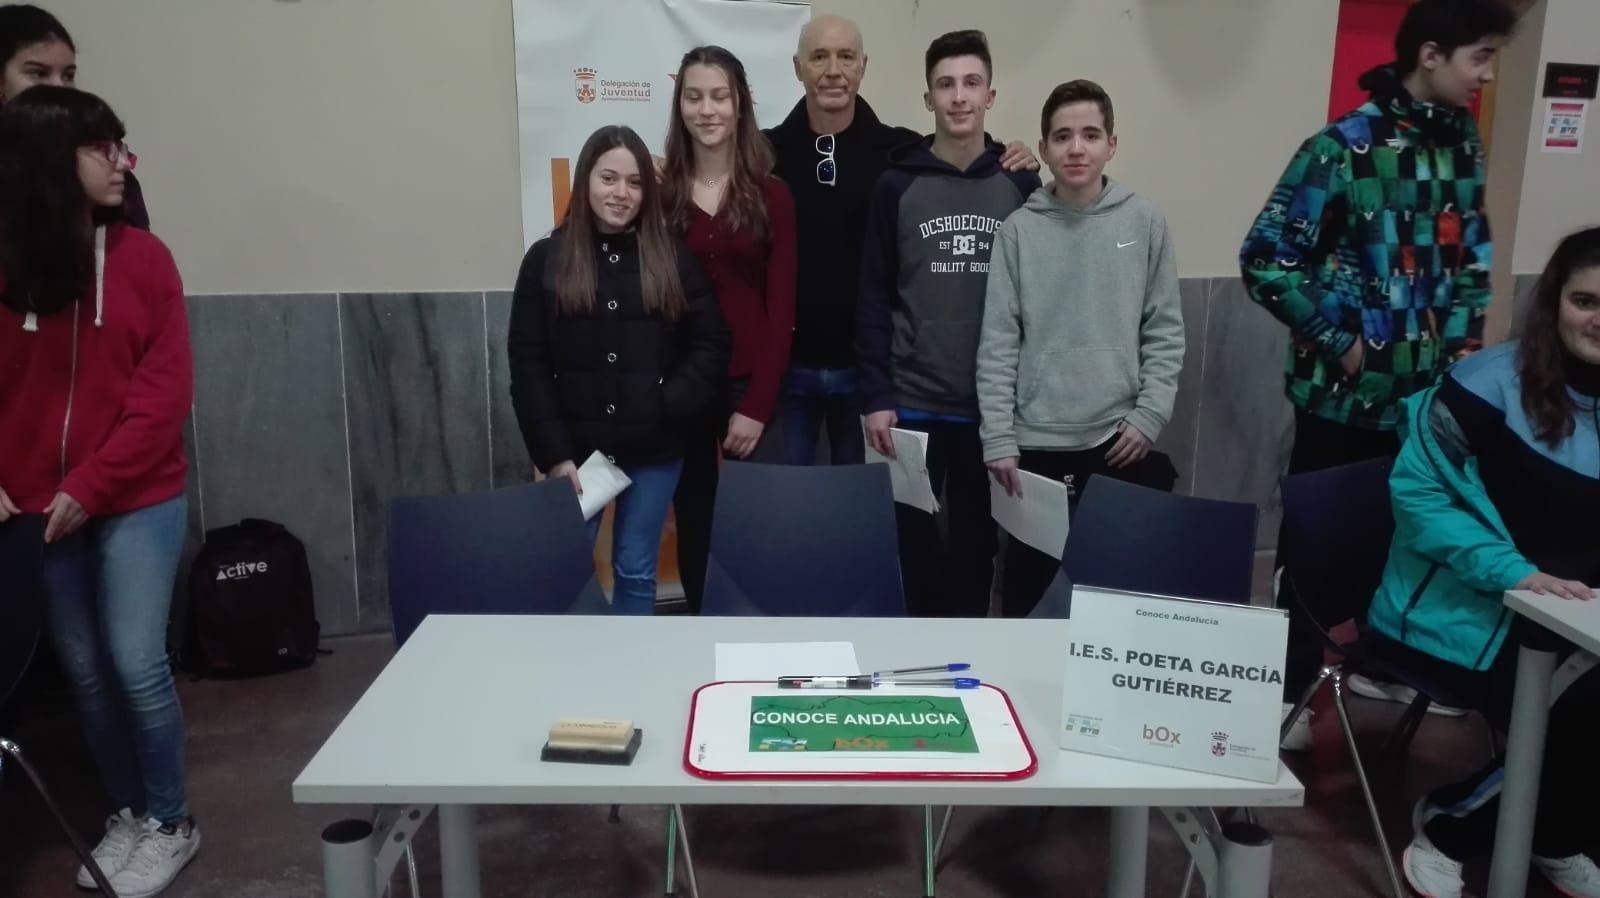 Imagen de la noticia: Concurso conoce Andalucía